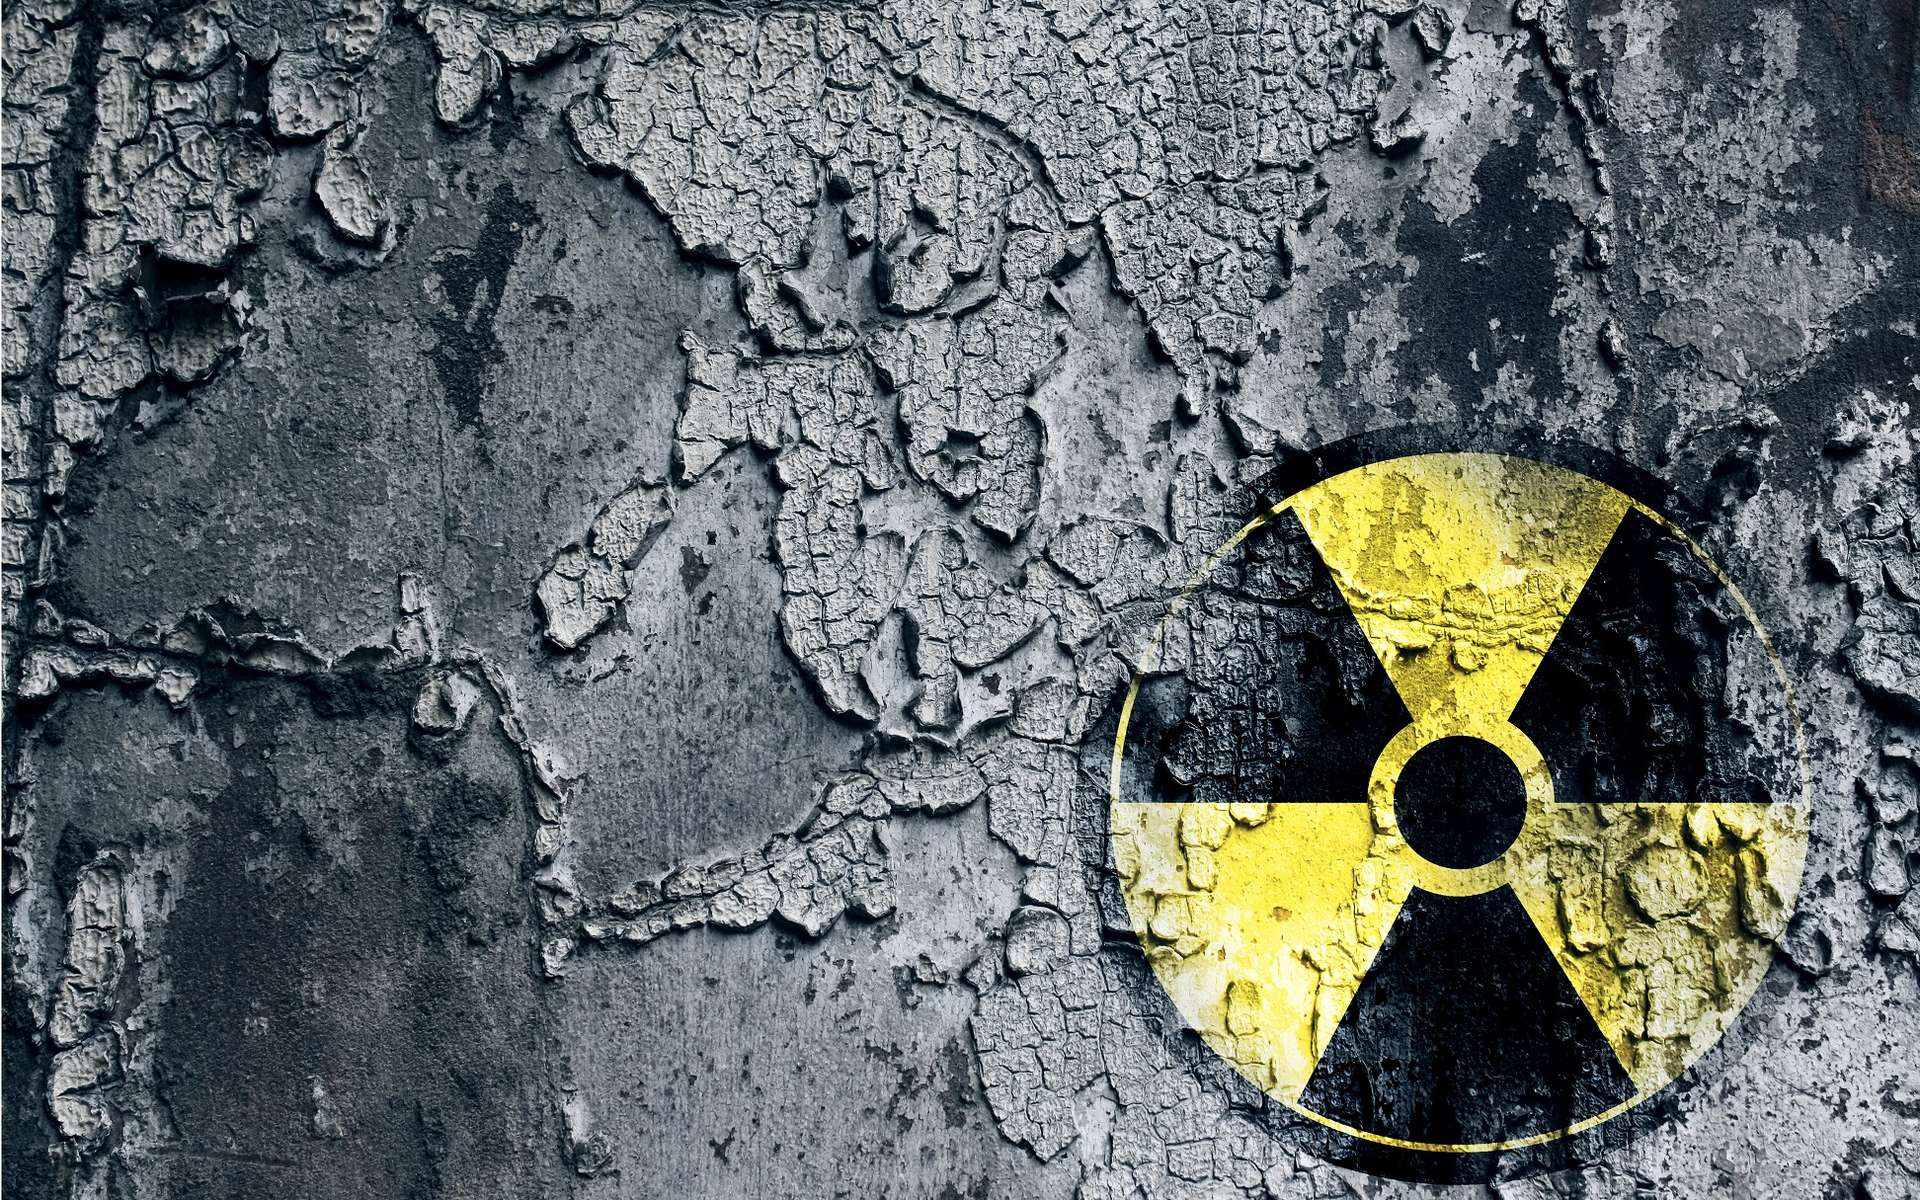 La catastrophe nucléaire de Fukushima est la deuxième plus grave après Tchernobyl. Y a-t-il eu plus de cancers de la thyroïde après cet accident ? © lassedesignen, Shutterstock